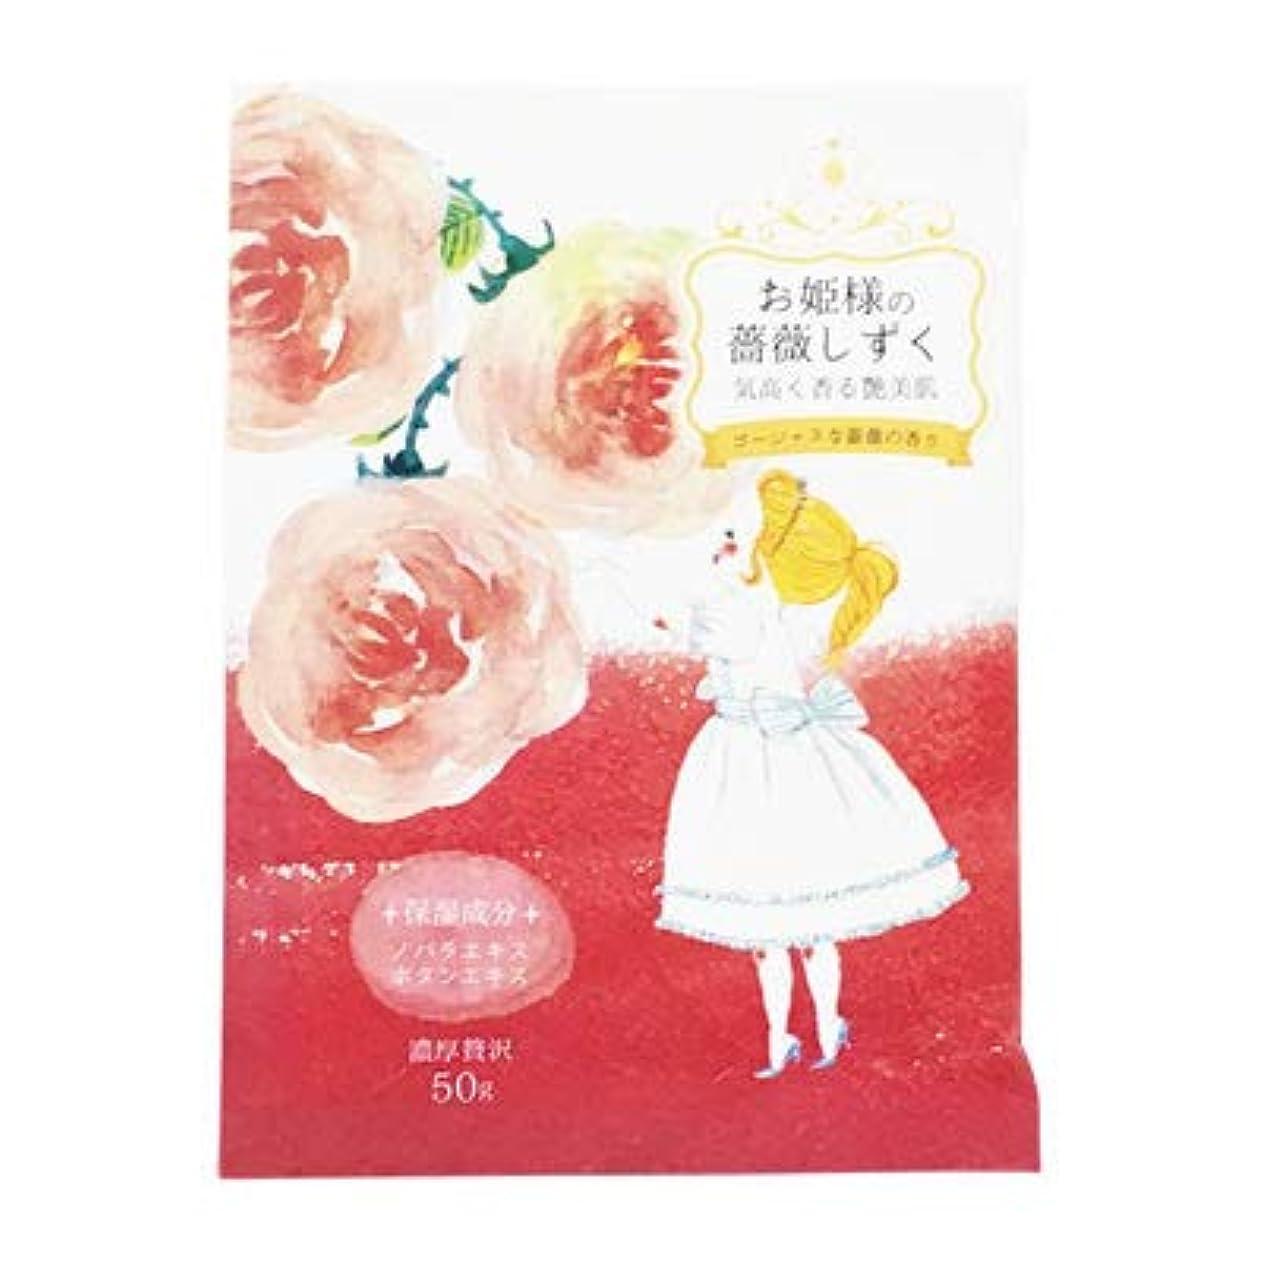 リンケージ疼痛不格好【まとめ買い3個セット】 お姫様風呂 薔薇しずく